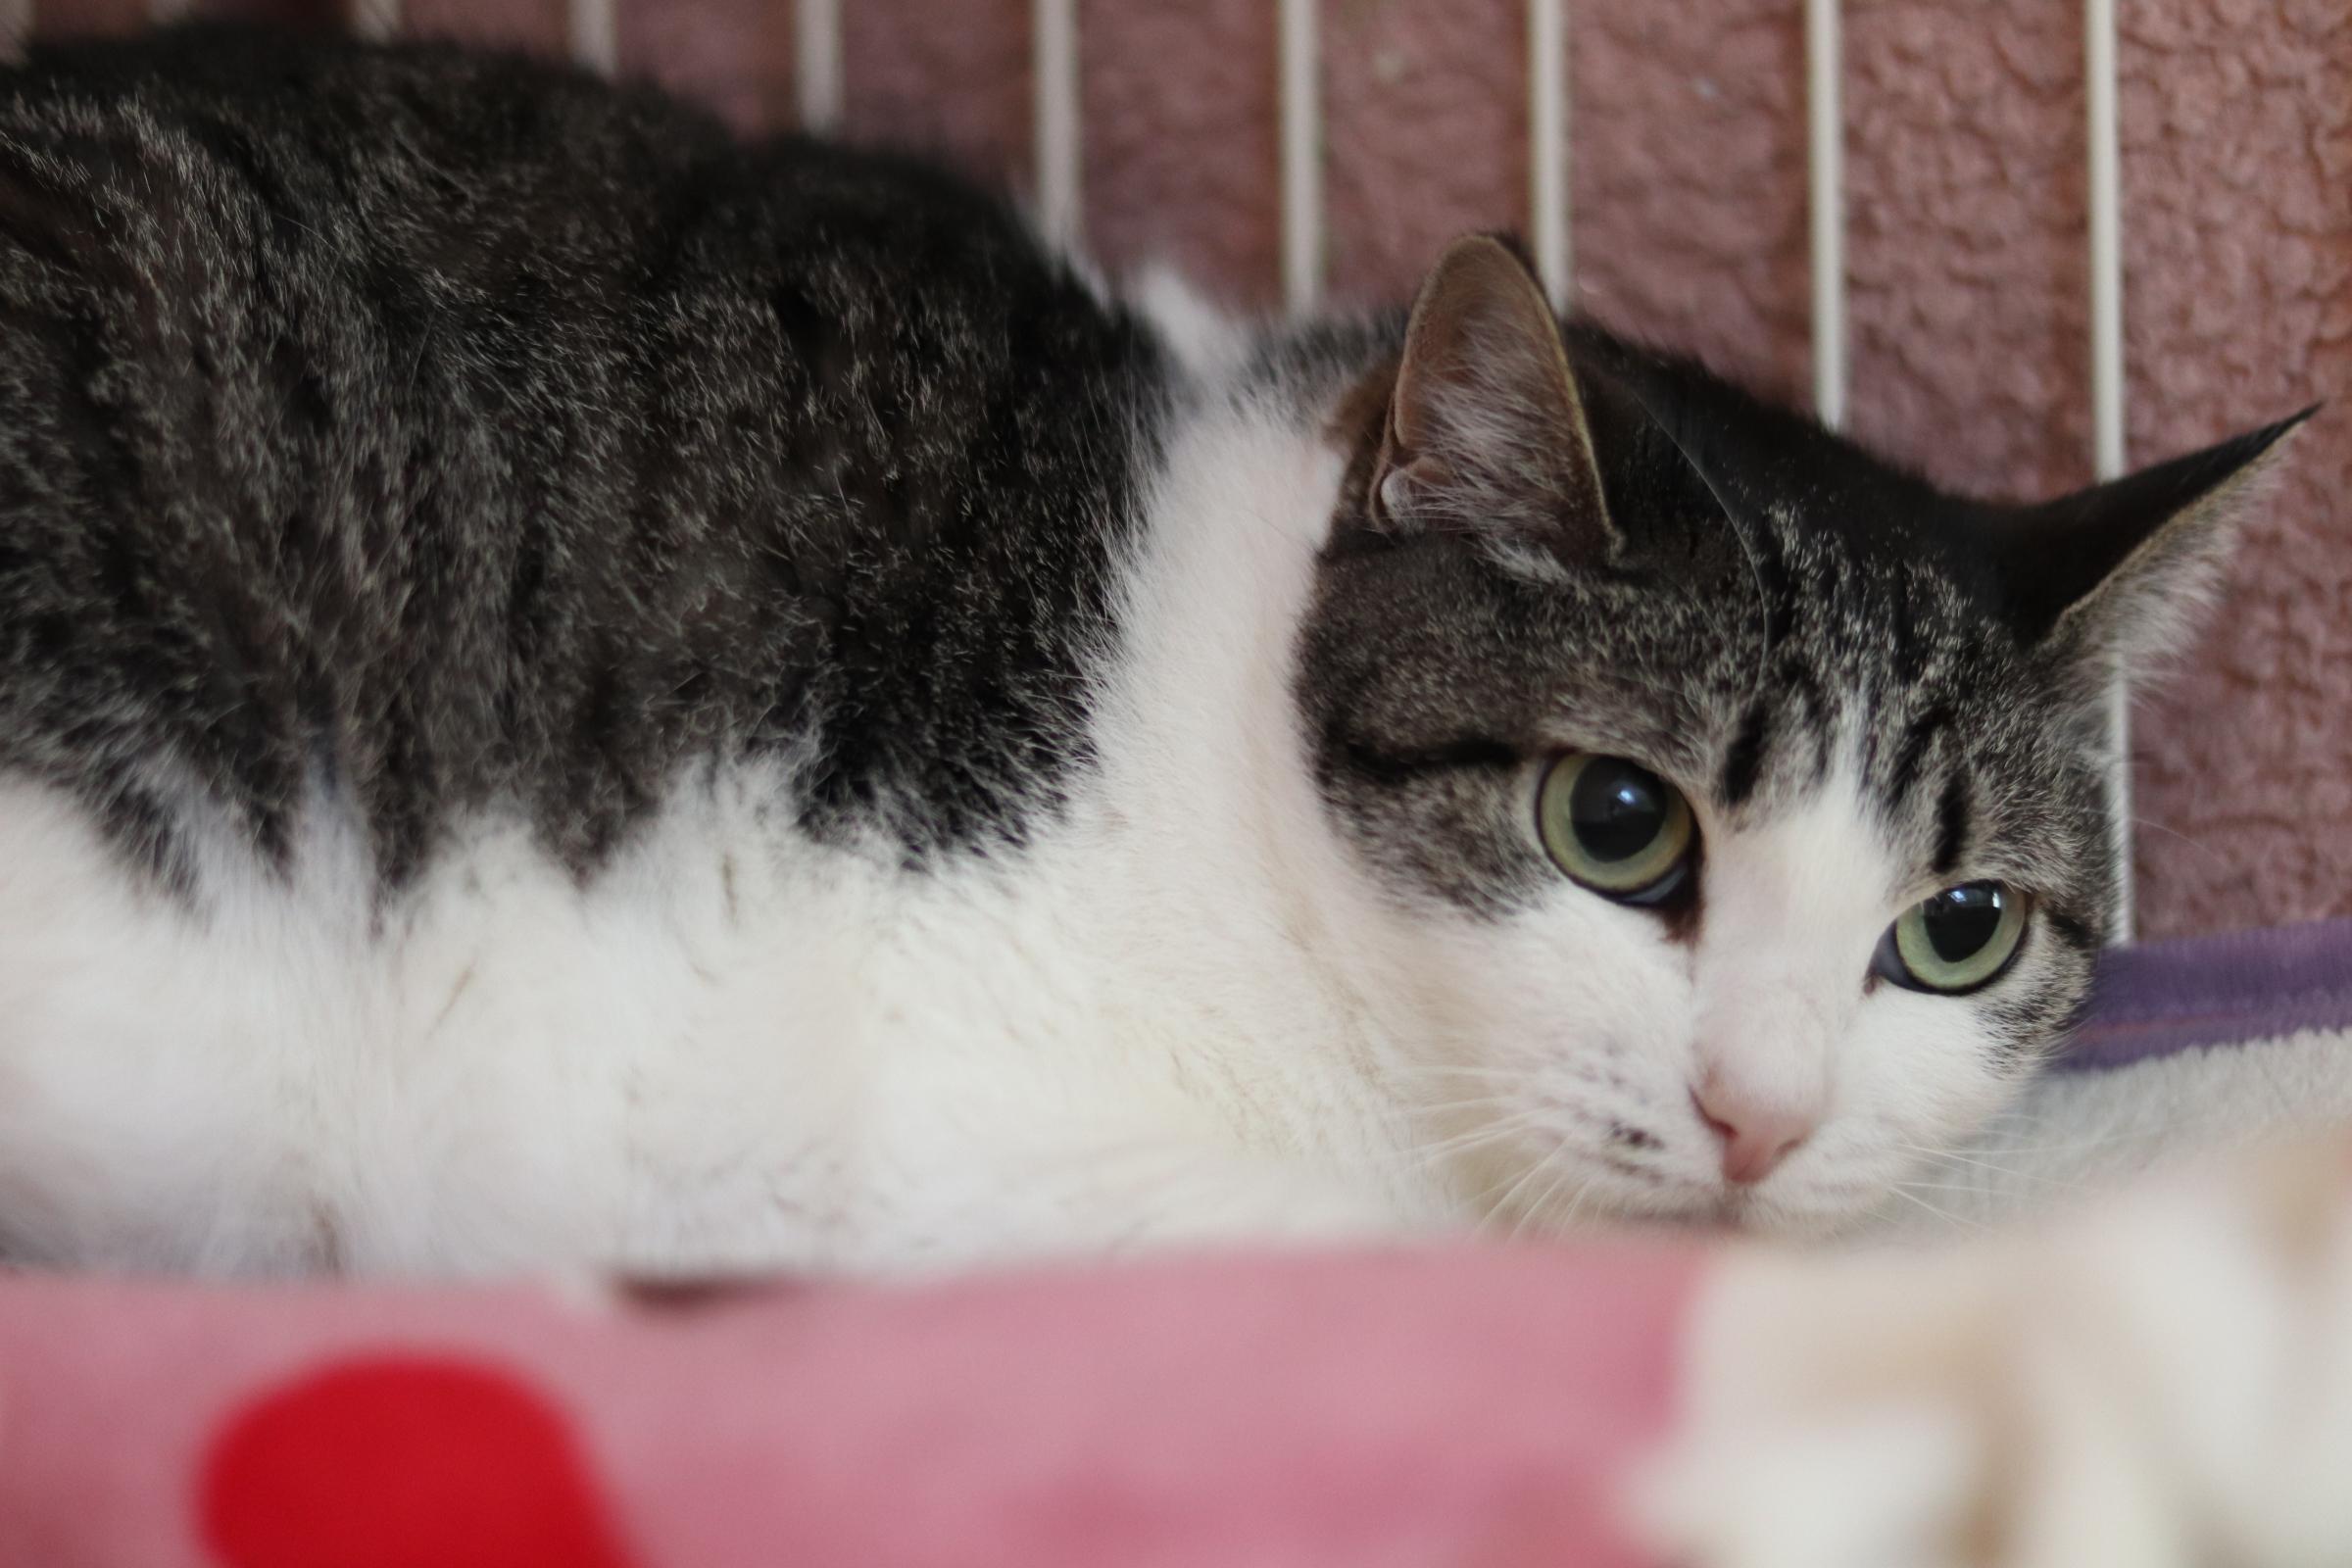 <ul> <li>猫種:日本猫</li> <li>名前(性別):ジル(女の子)</li> <li>年齢:2016年頃生まれ</li> <li>保護経緯:高齢の飼い主が施設へ入居することになり、親族も飼うことが出来ないため飼育困難</li> </ul>